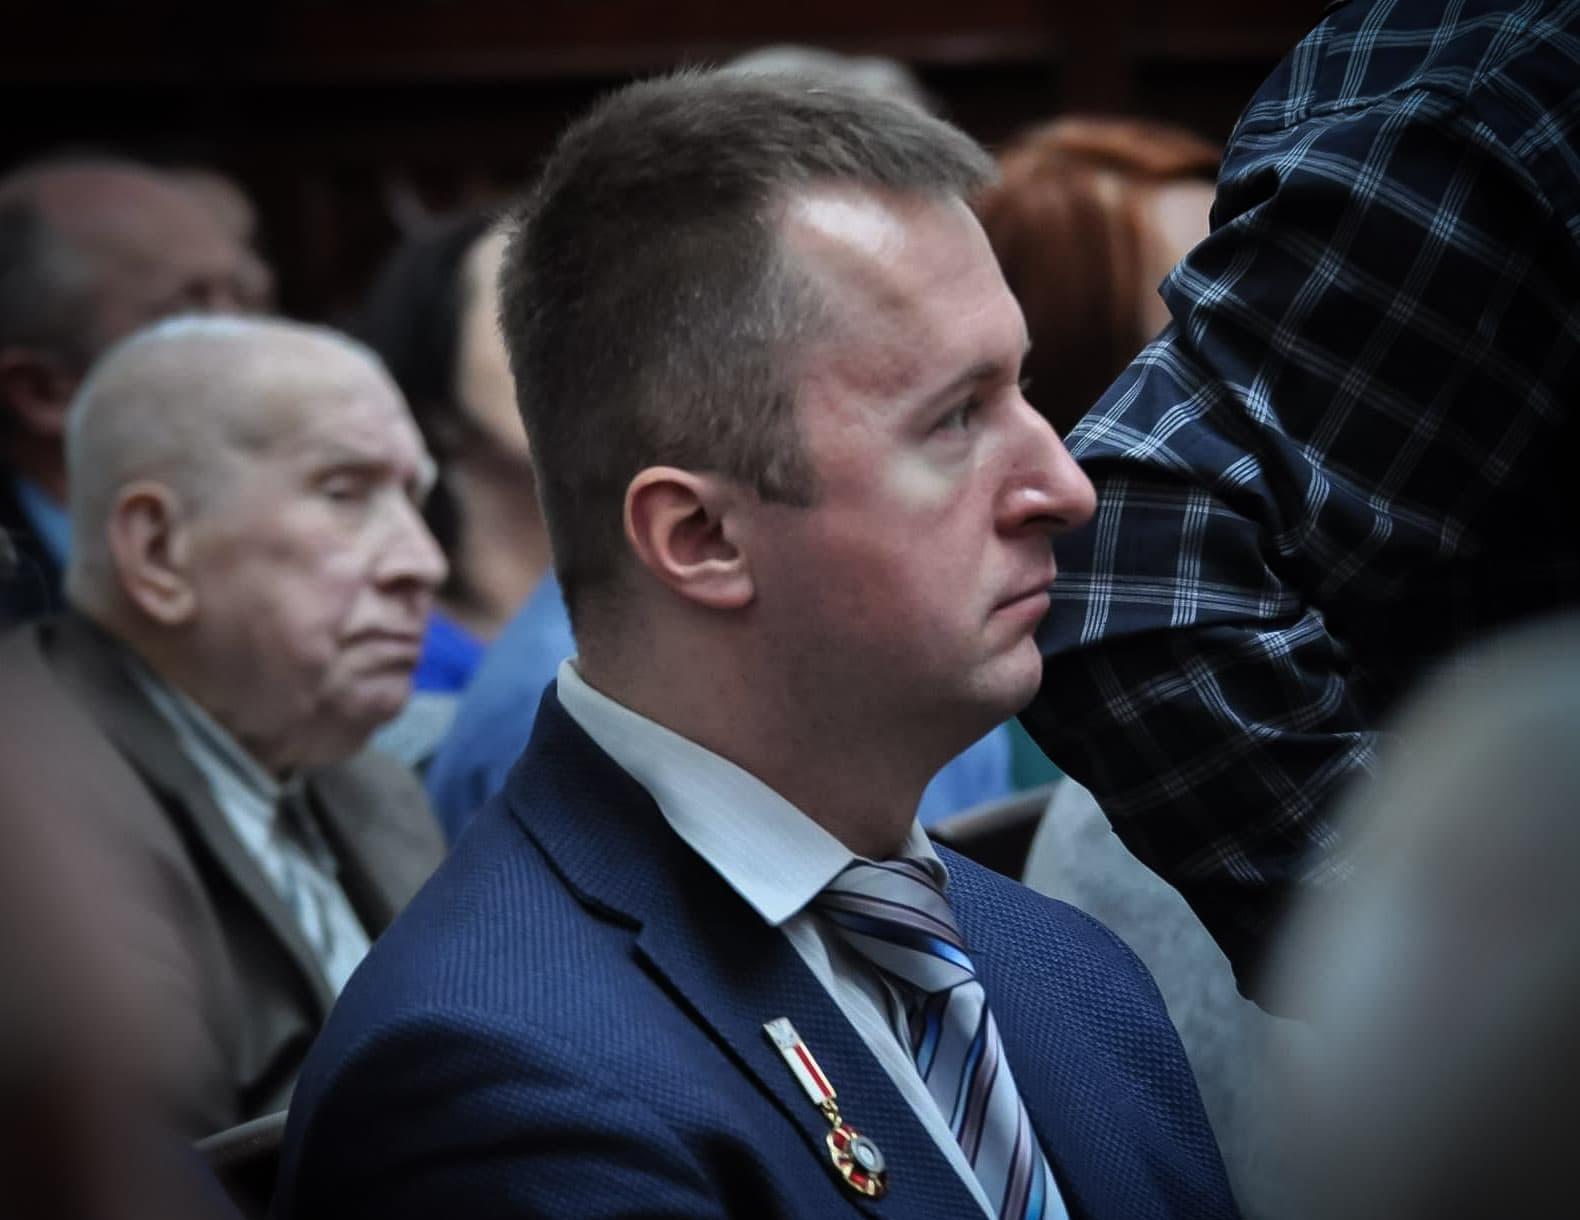 Z REGIONU. Piotr Durak z honorowym odznaczeniem państwowym - Zdjęcie główne